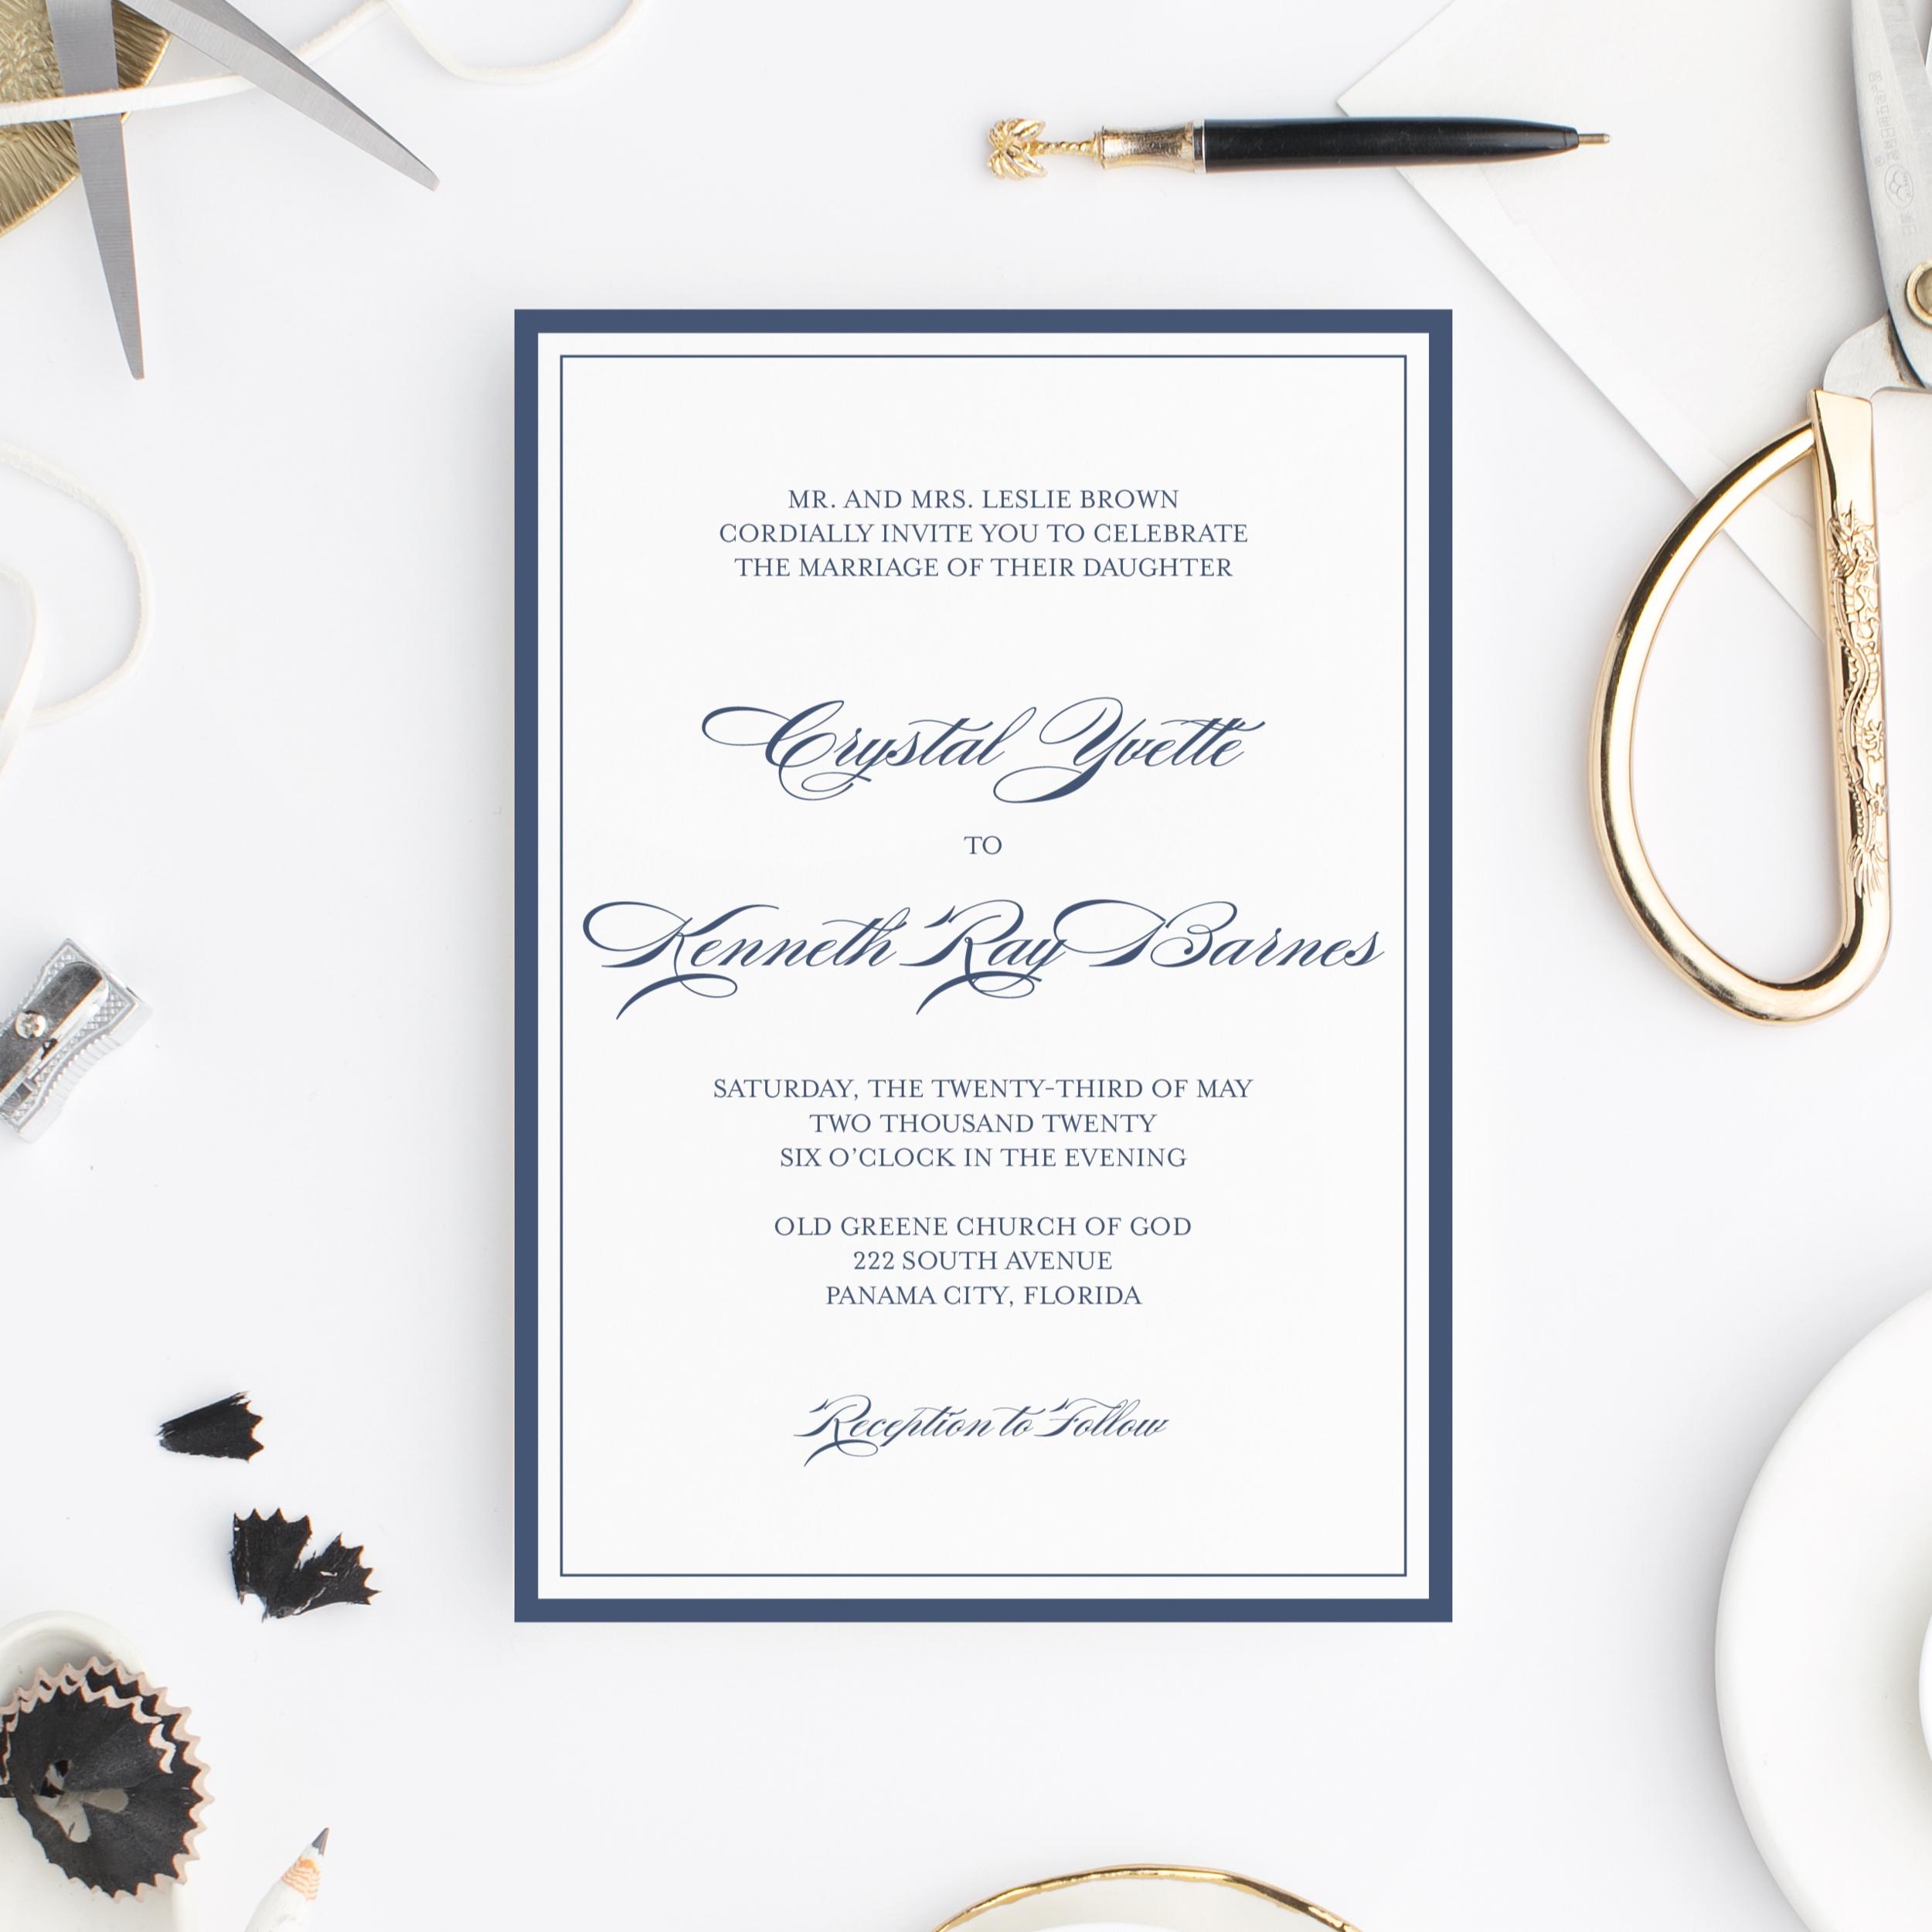 invite-01.png